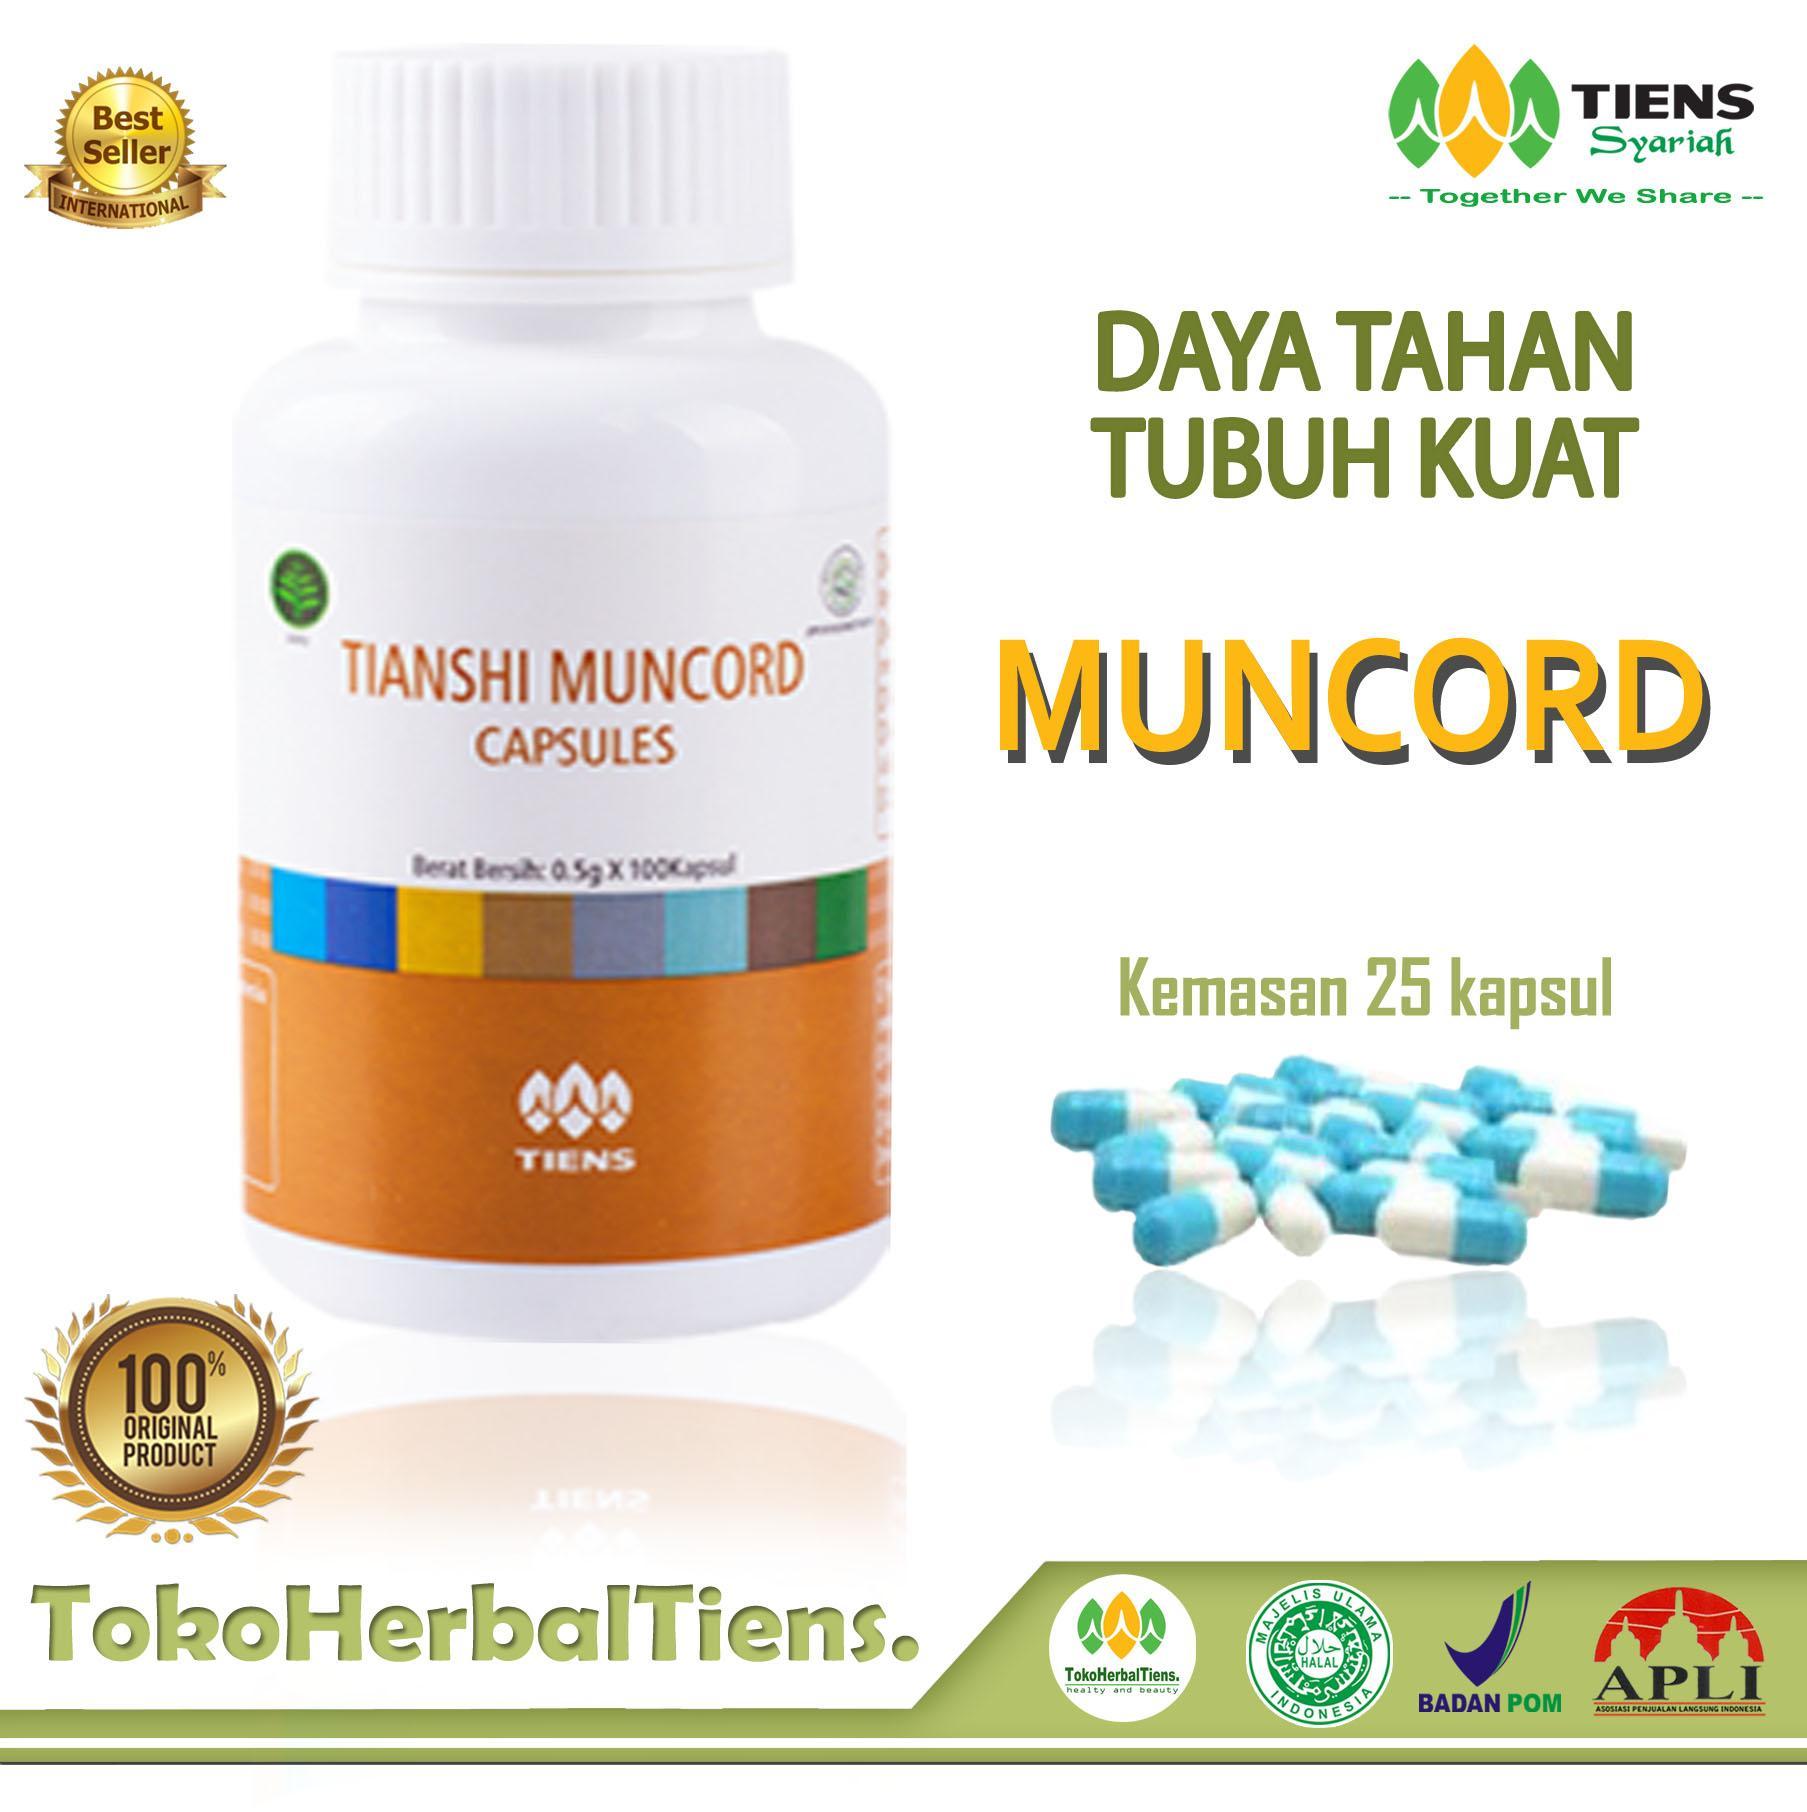 Tiens muncord capsules – meningkatkan daya tahan tubuh dan mengobati berbagai penyakit berbahaya